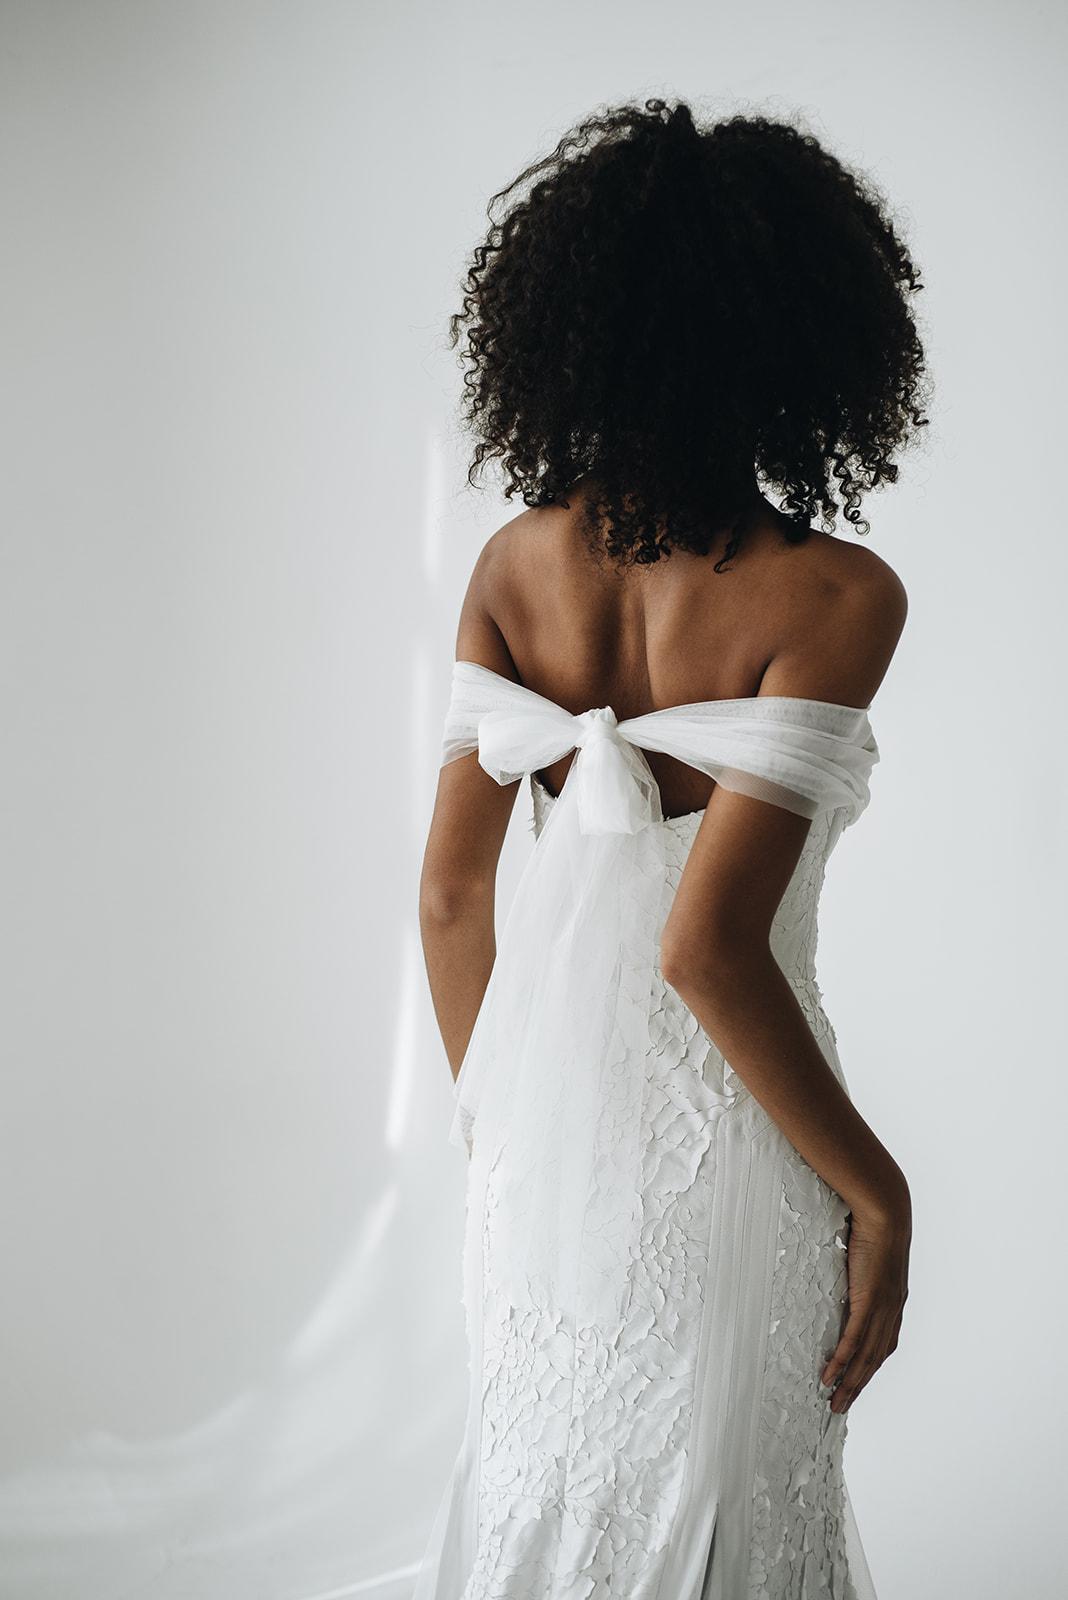 georgiayoung-weddingdress-photoshoot